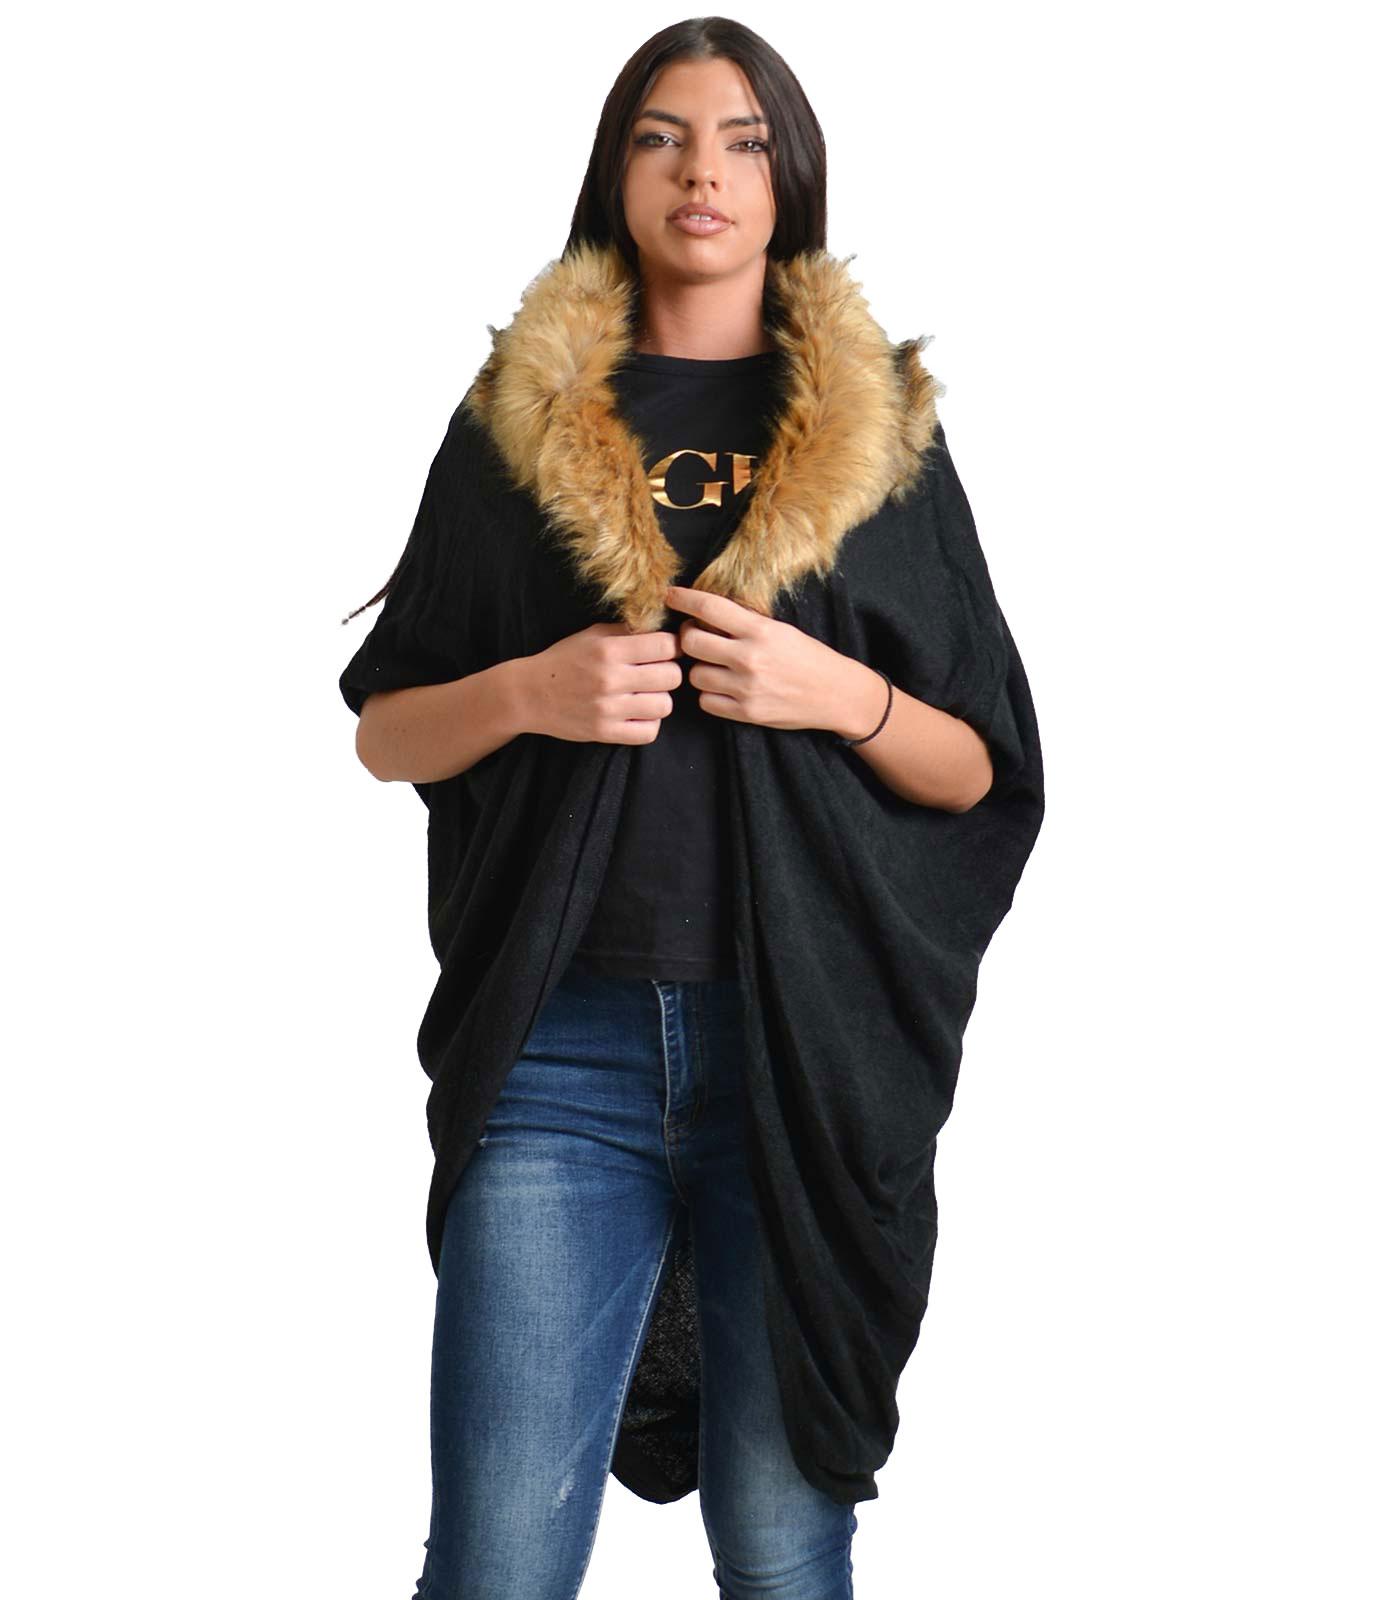 Ζακέτα πλεκτή με αποσπώμενο γιακά γούνινο (Μαύρη)